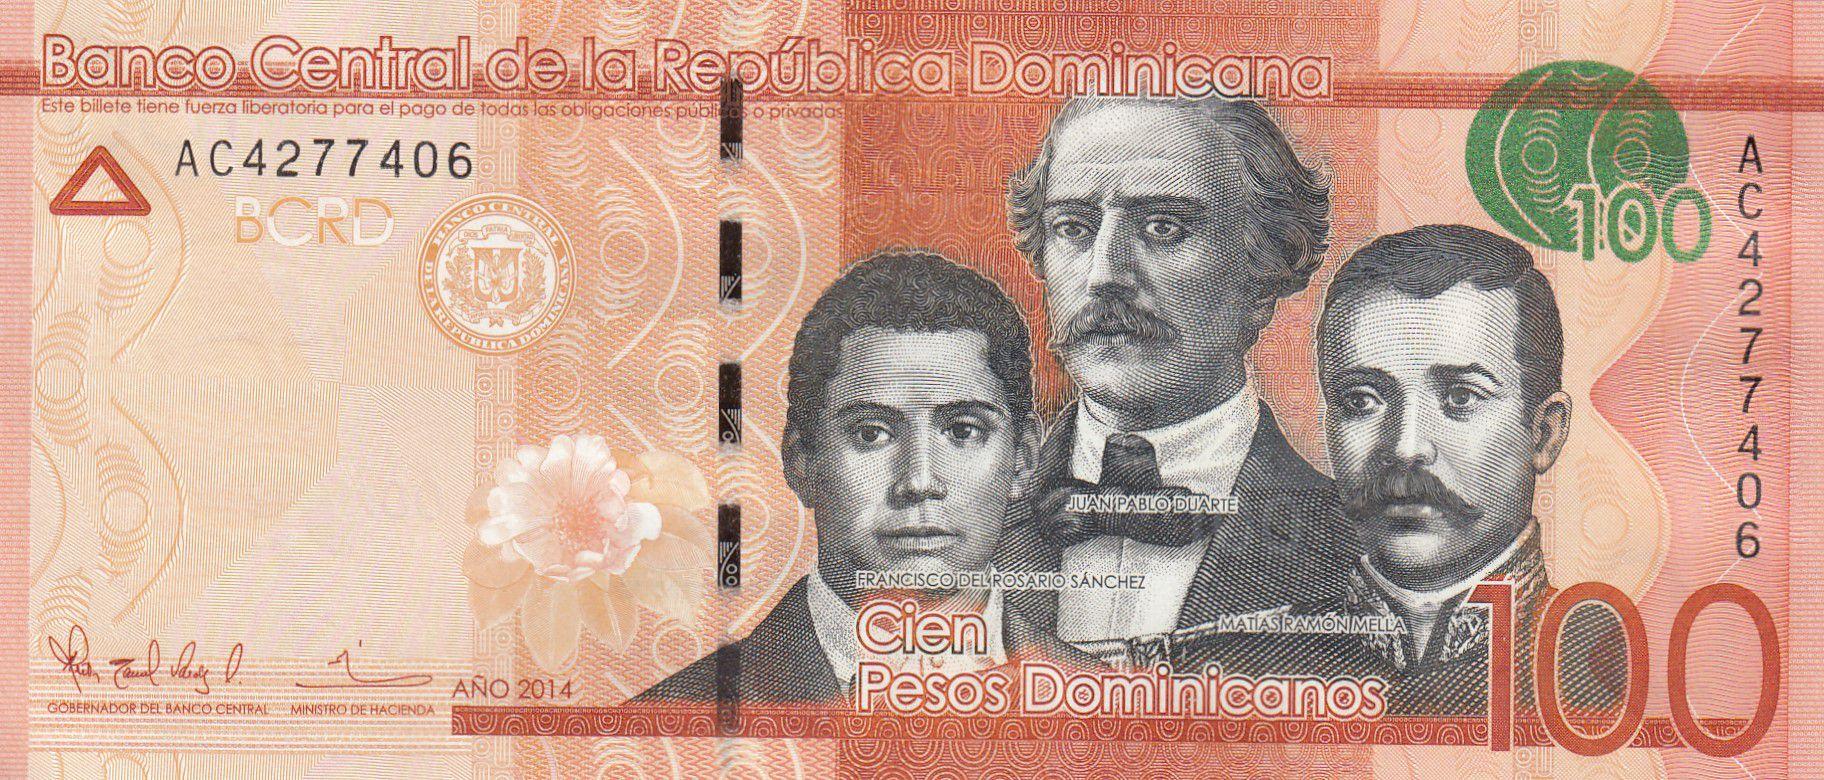 Dominicaine Rép. 100 Pesos Duarte, Sanchez, Mella - Puerta del Conde 2014 - Neuf - P.190